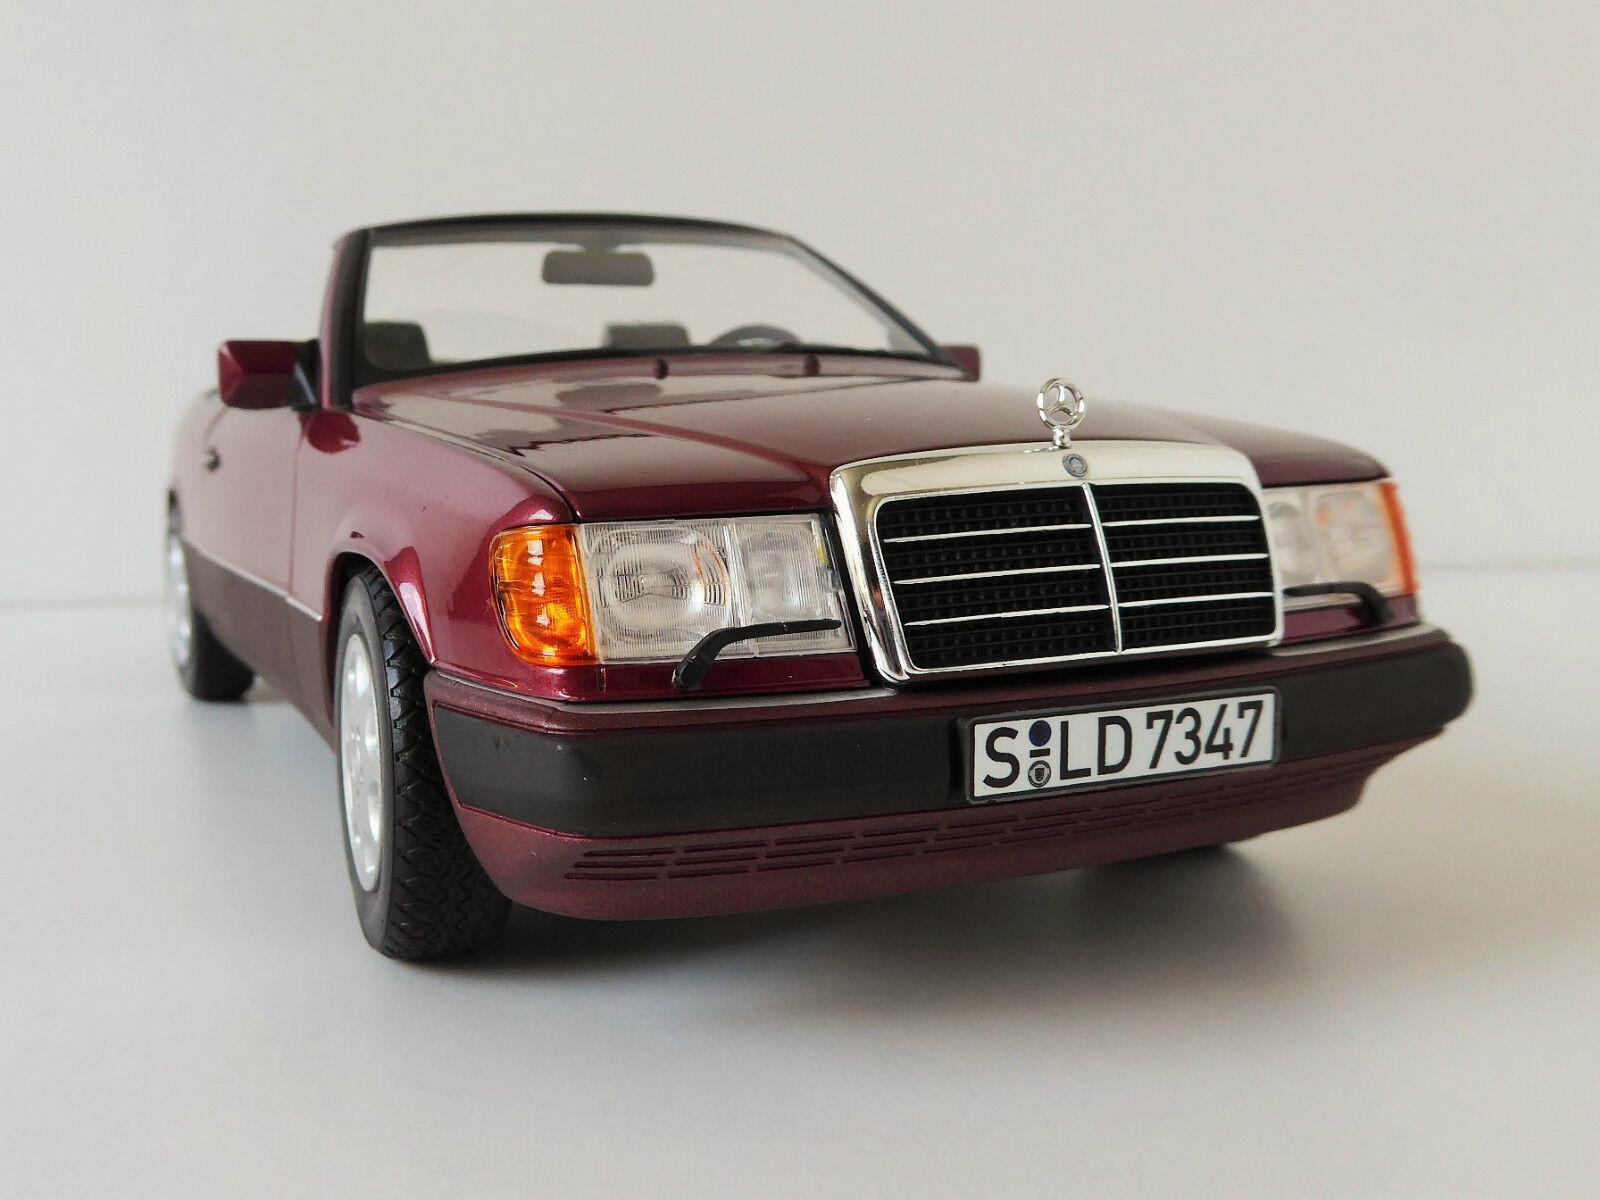 Mercedes-Benz 300 CE-24 Cabriolet 1 18 Cabrio Mercedes I-Norev B66040616 B66040616 B66040616 A124 CE c76755